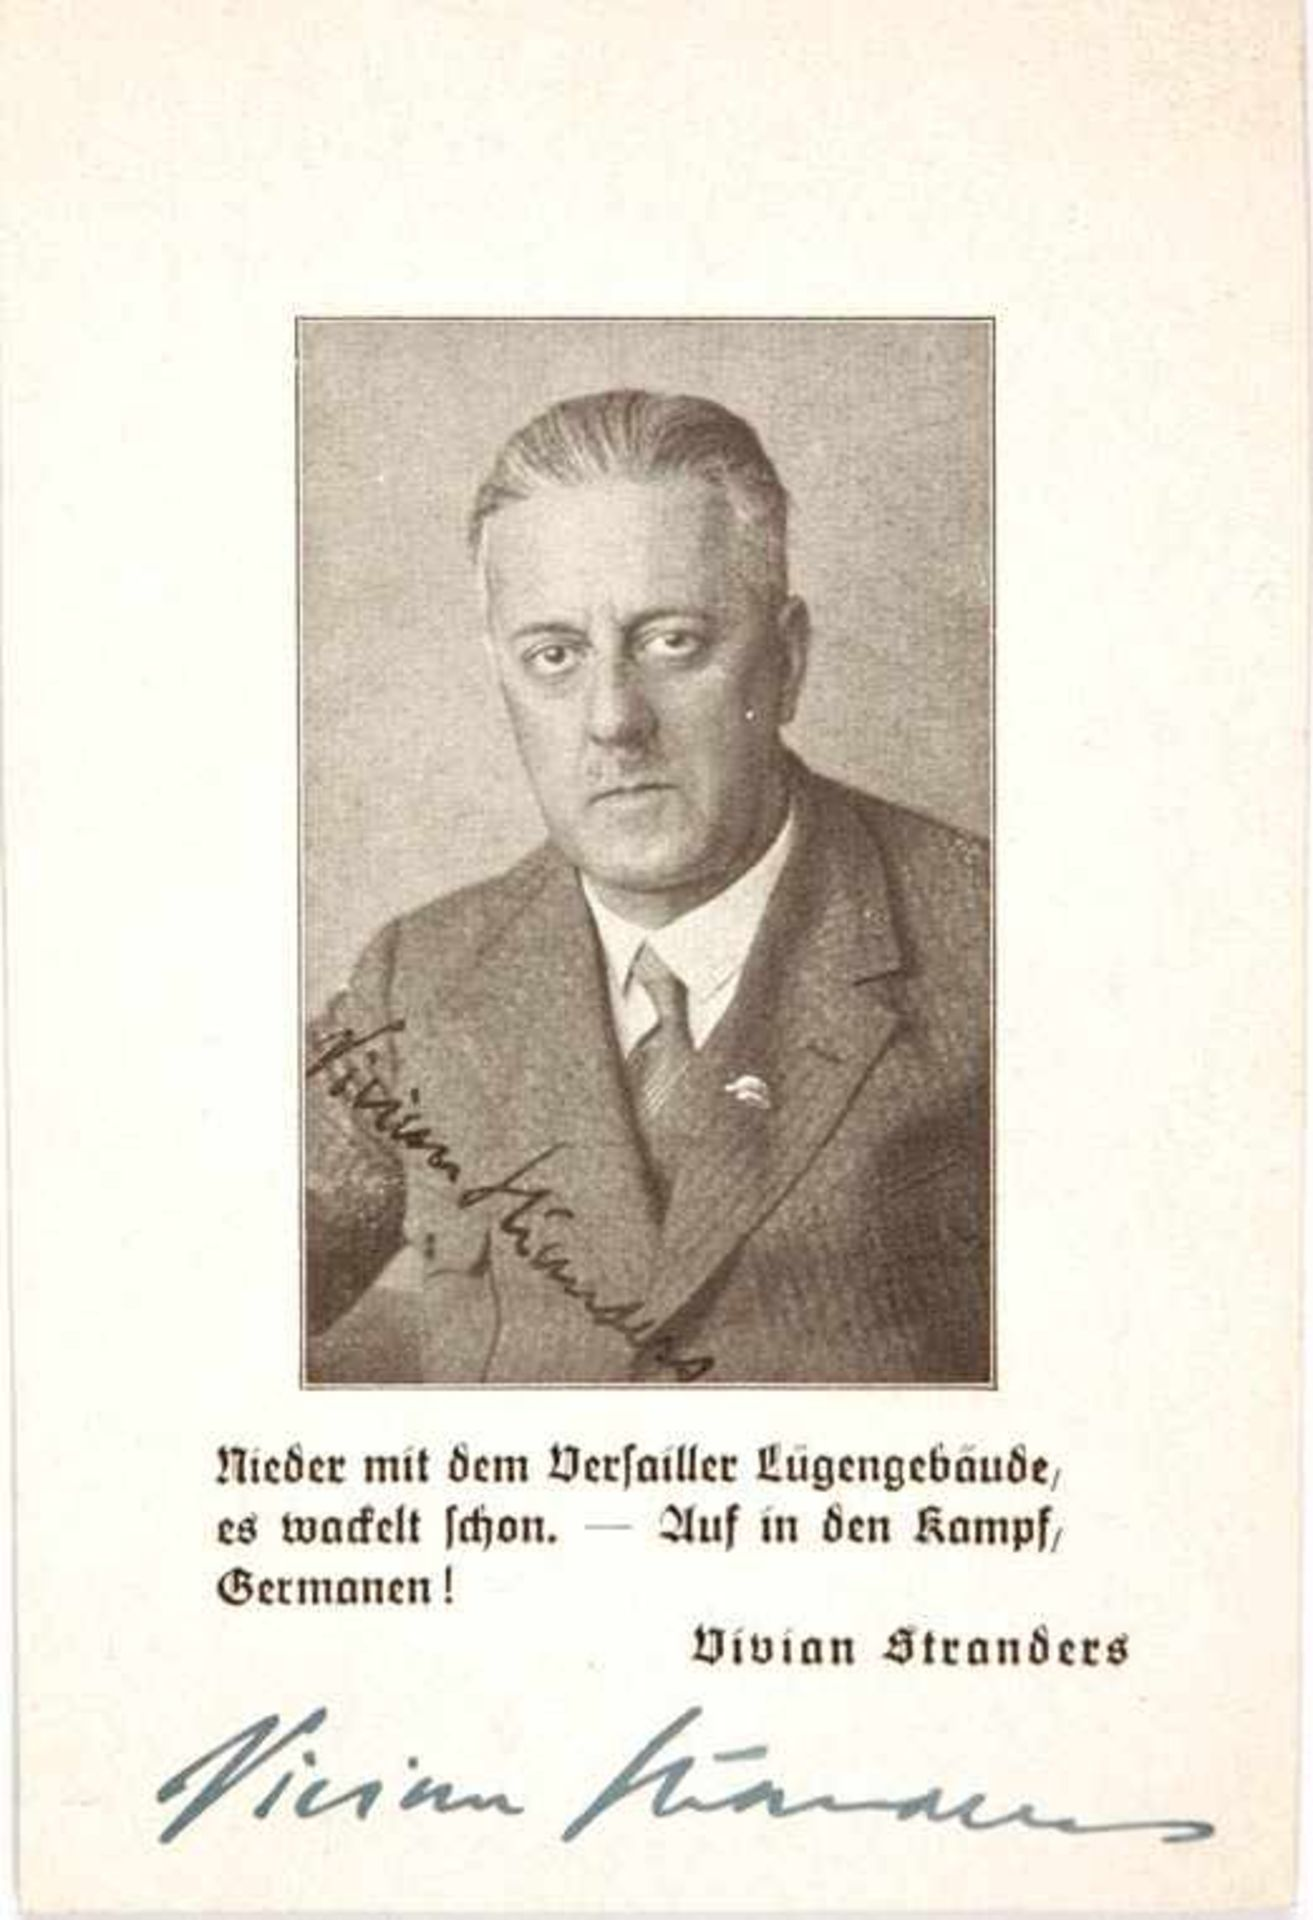 Los 24 - STRANDERS, VIVIAN (1881-1959), brit. Offz., ab 1920 in Deutschland, 1933 eingebürgert, u. a.